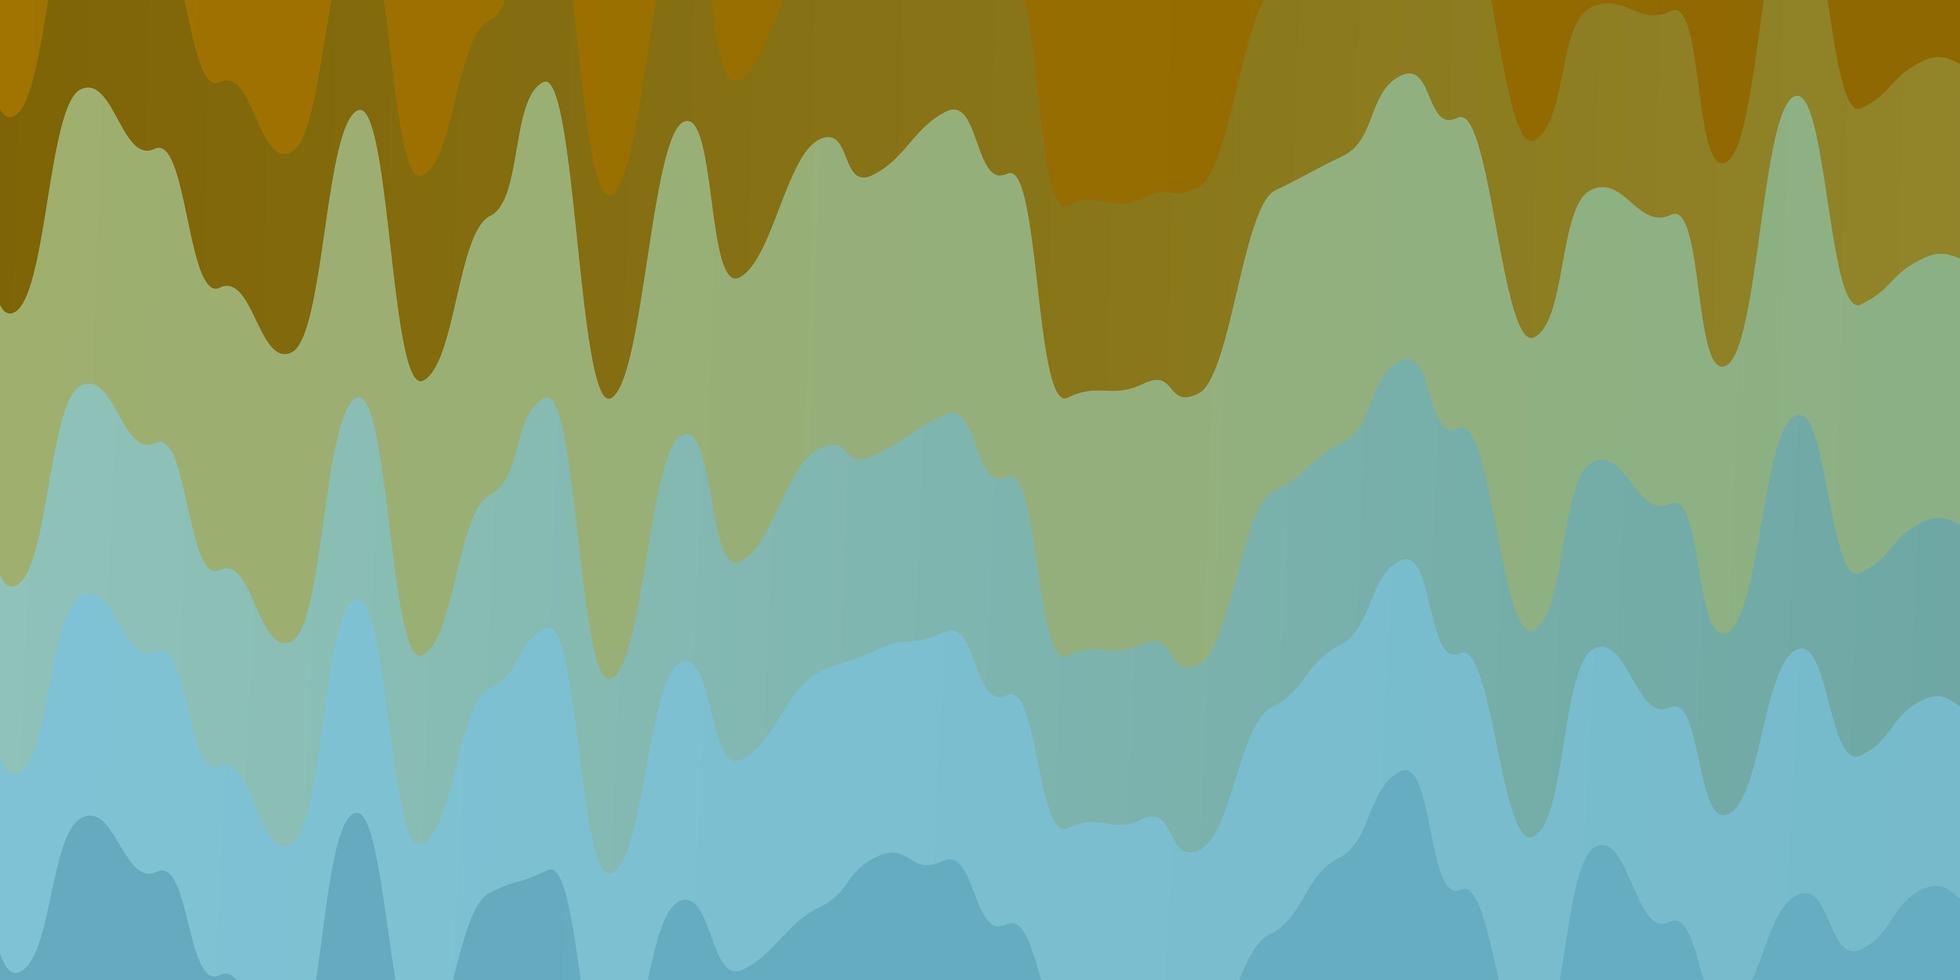 patrón azul claro, amarillo con líneas torcidas. vector